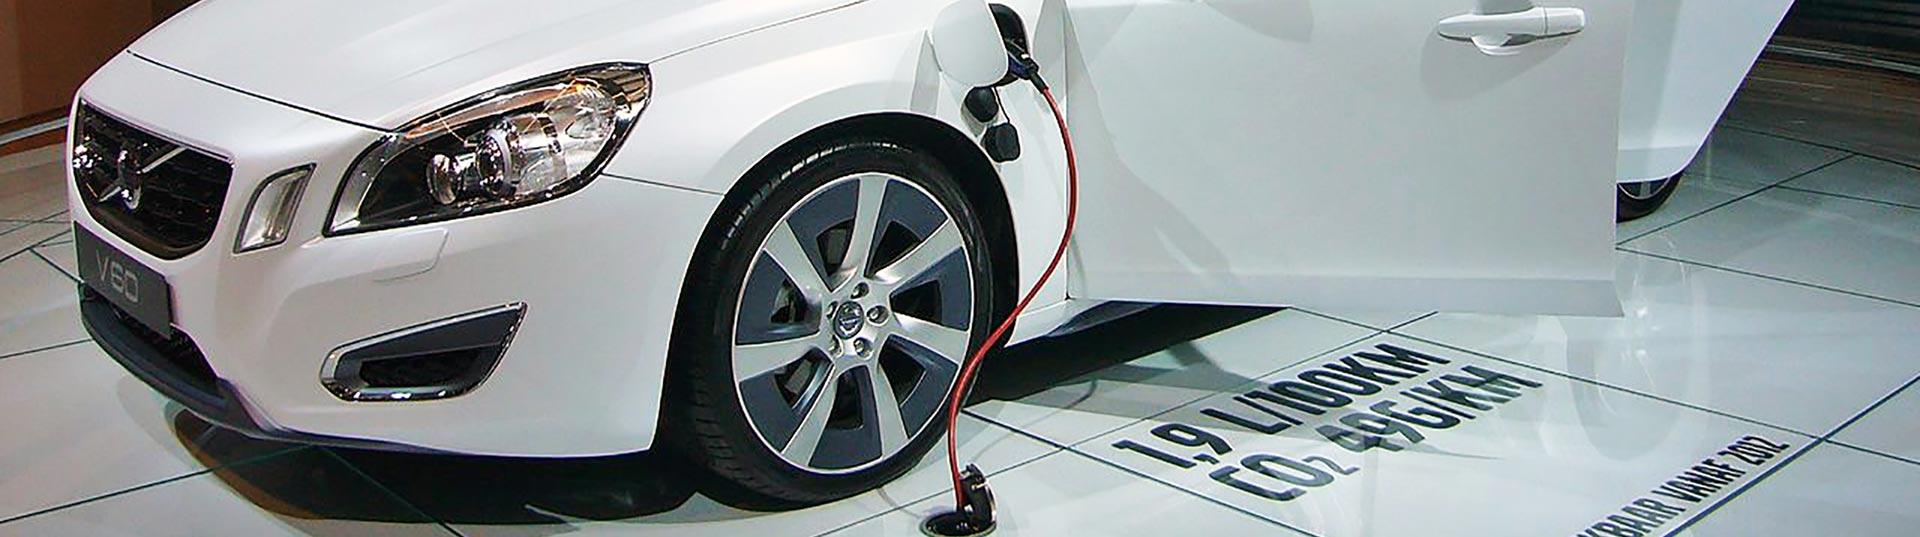 Volvo V60 hybrid plug in